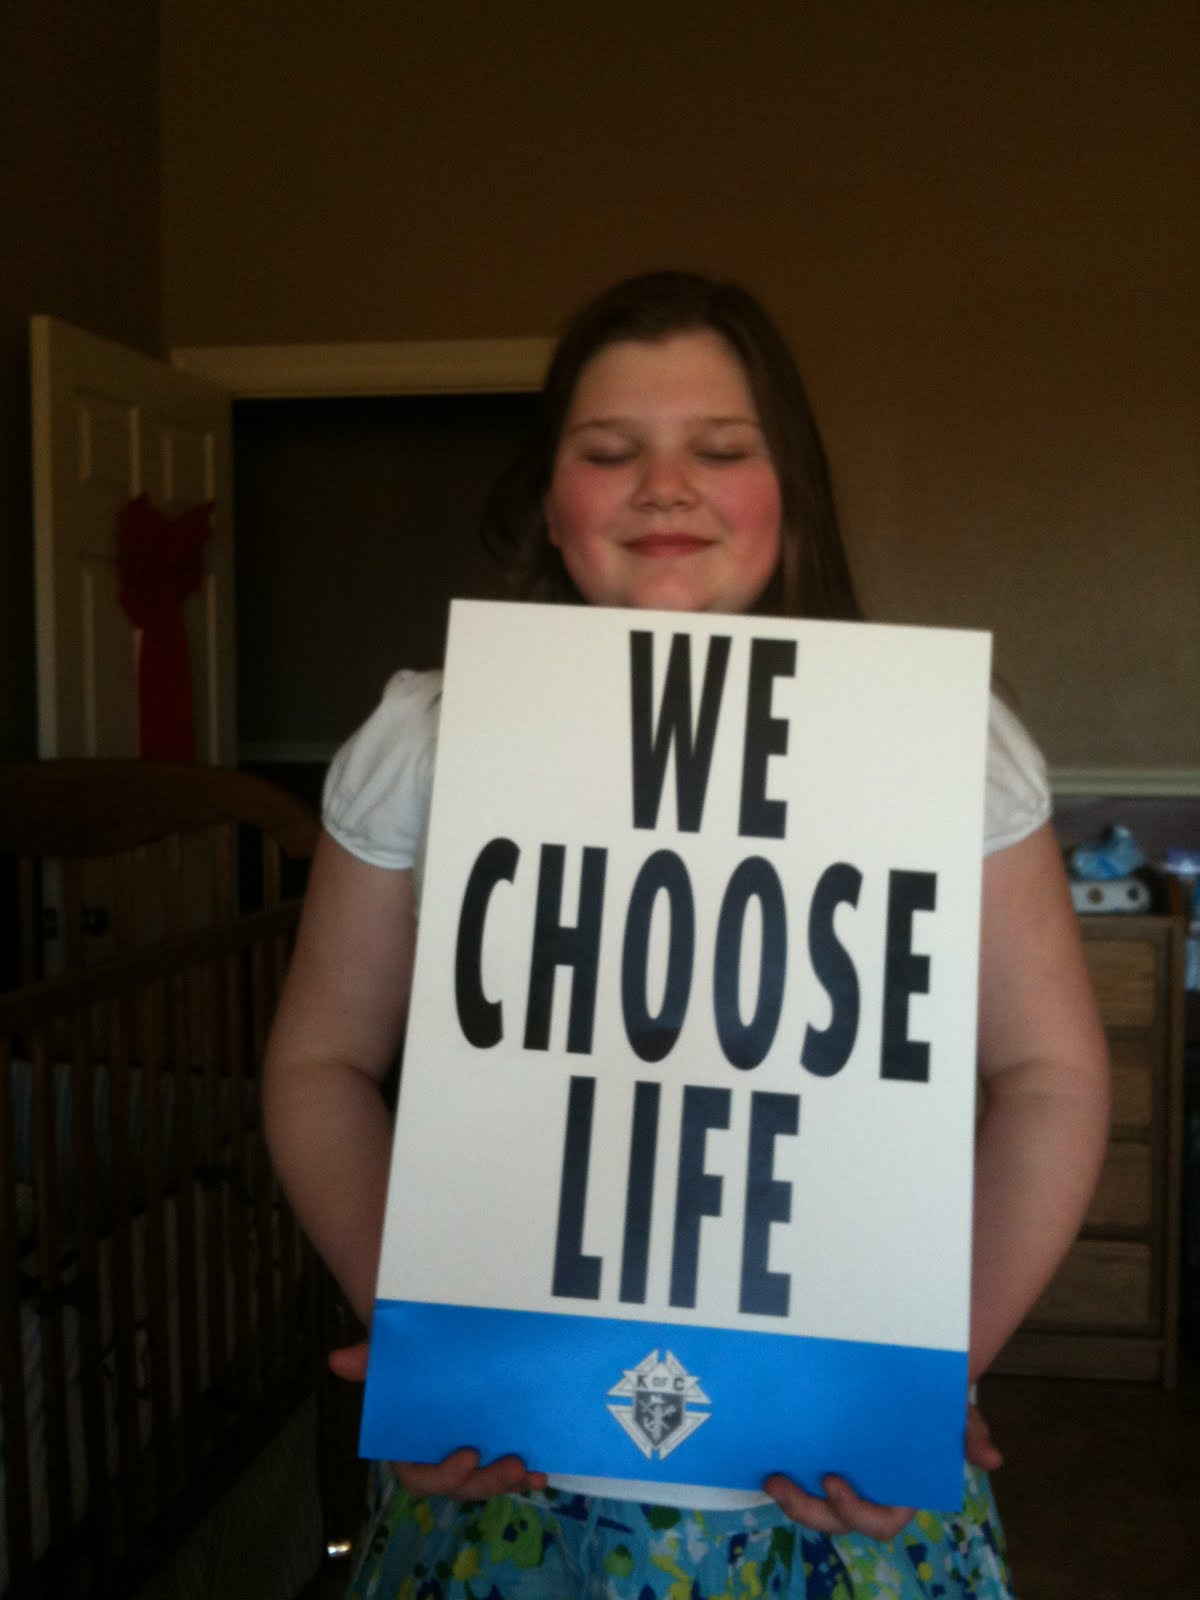 Scorpion Stalking Duck: We Choose Life! WARNING: GRAPHIC